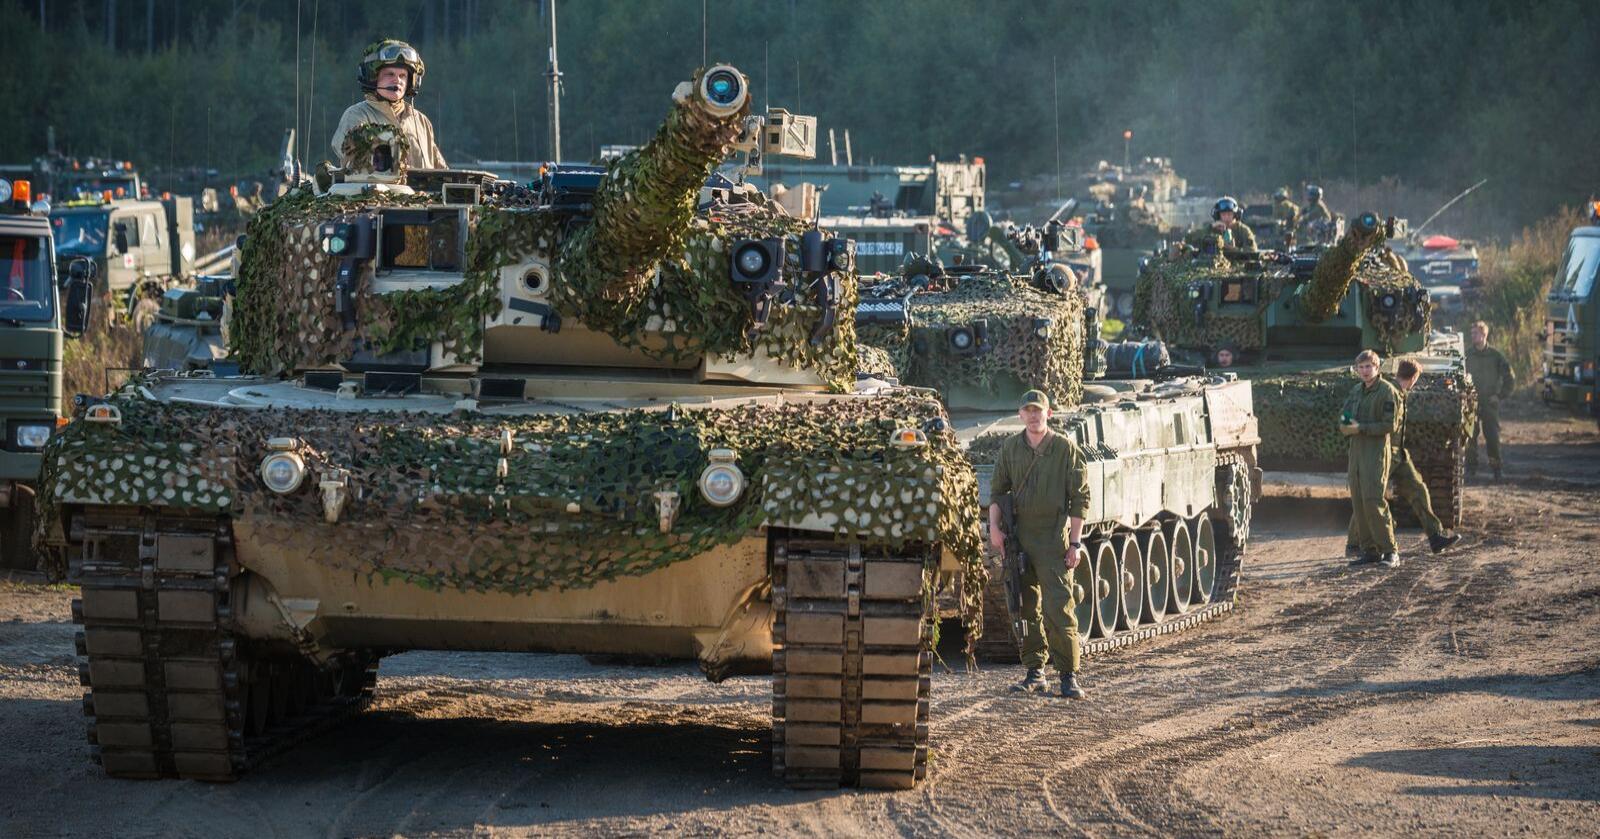 Bare 1800 vernepliktige soldater, i to bataljoner, er satt av til å forsvare Norge sør for Troms. Slik vil det også være til etter 2040, ifølge regjeringens forslag til ny langtidsplanen for forsvaret.  Her er Telemark bataljon med sine Leopard 2- stridsvogner, under øvelse Noble Ledger i 2014. Foto: Ole-Sverre Haugli /Forsvaret